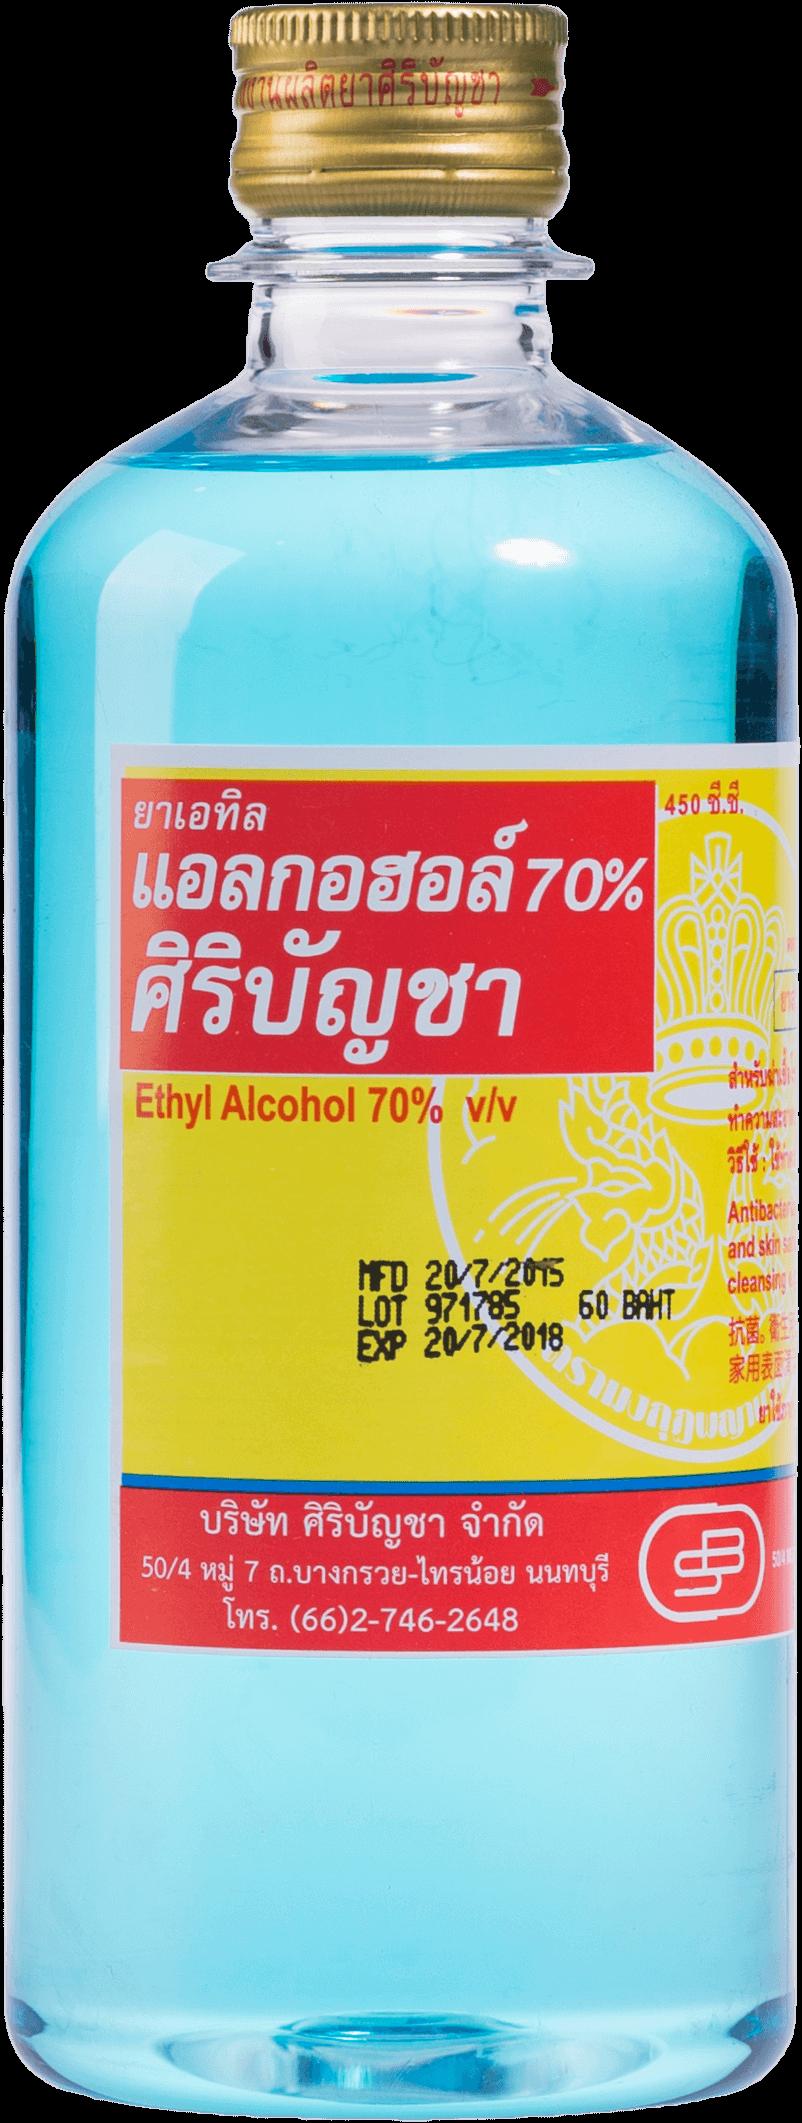 แอลกอฮอลล้างแผล 70% ศิริบัญชา ขนาด 450cc.